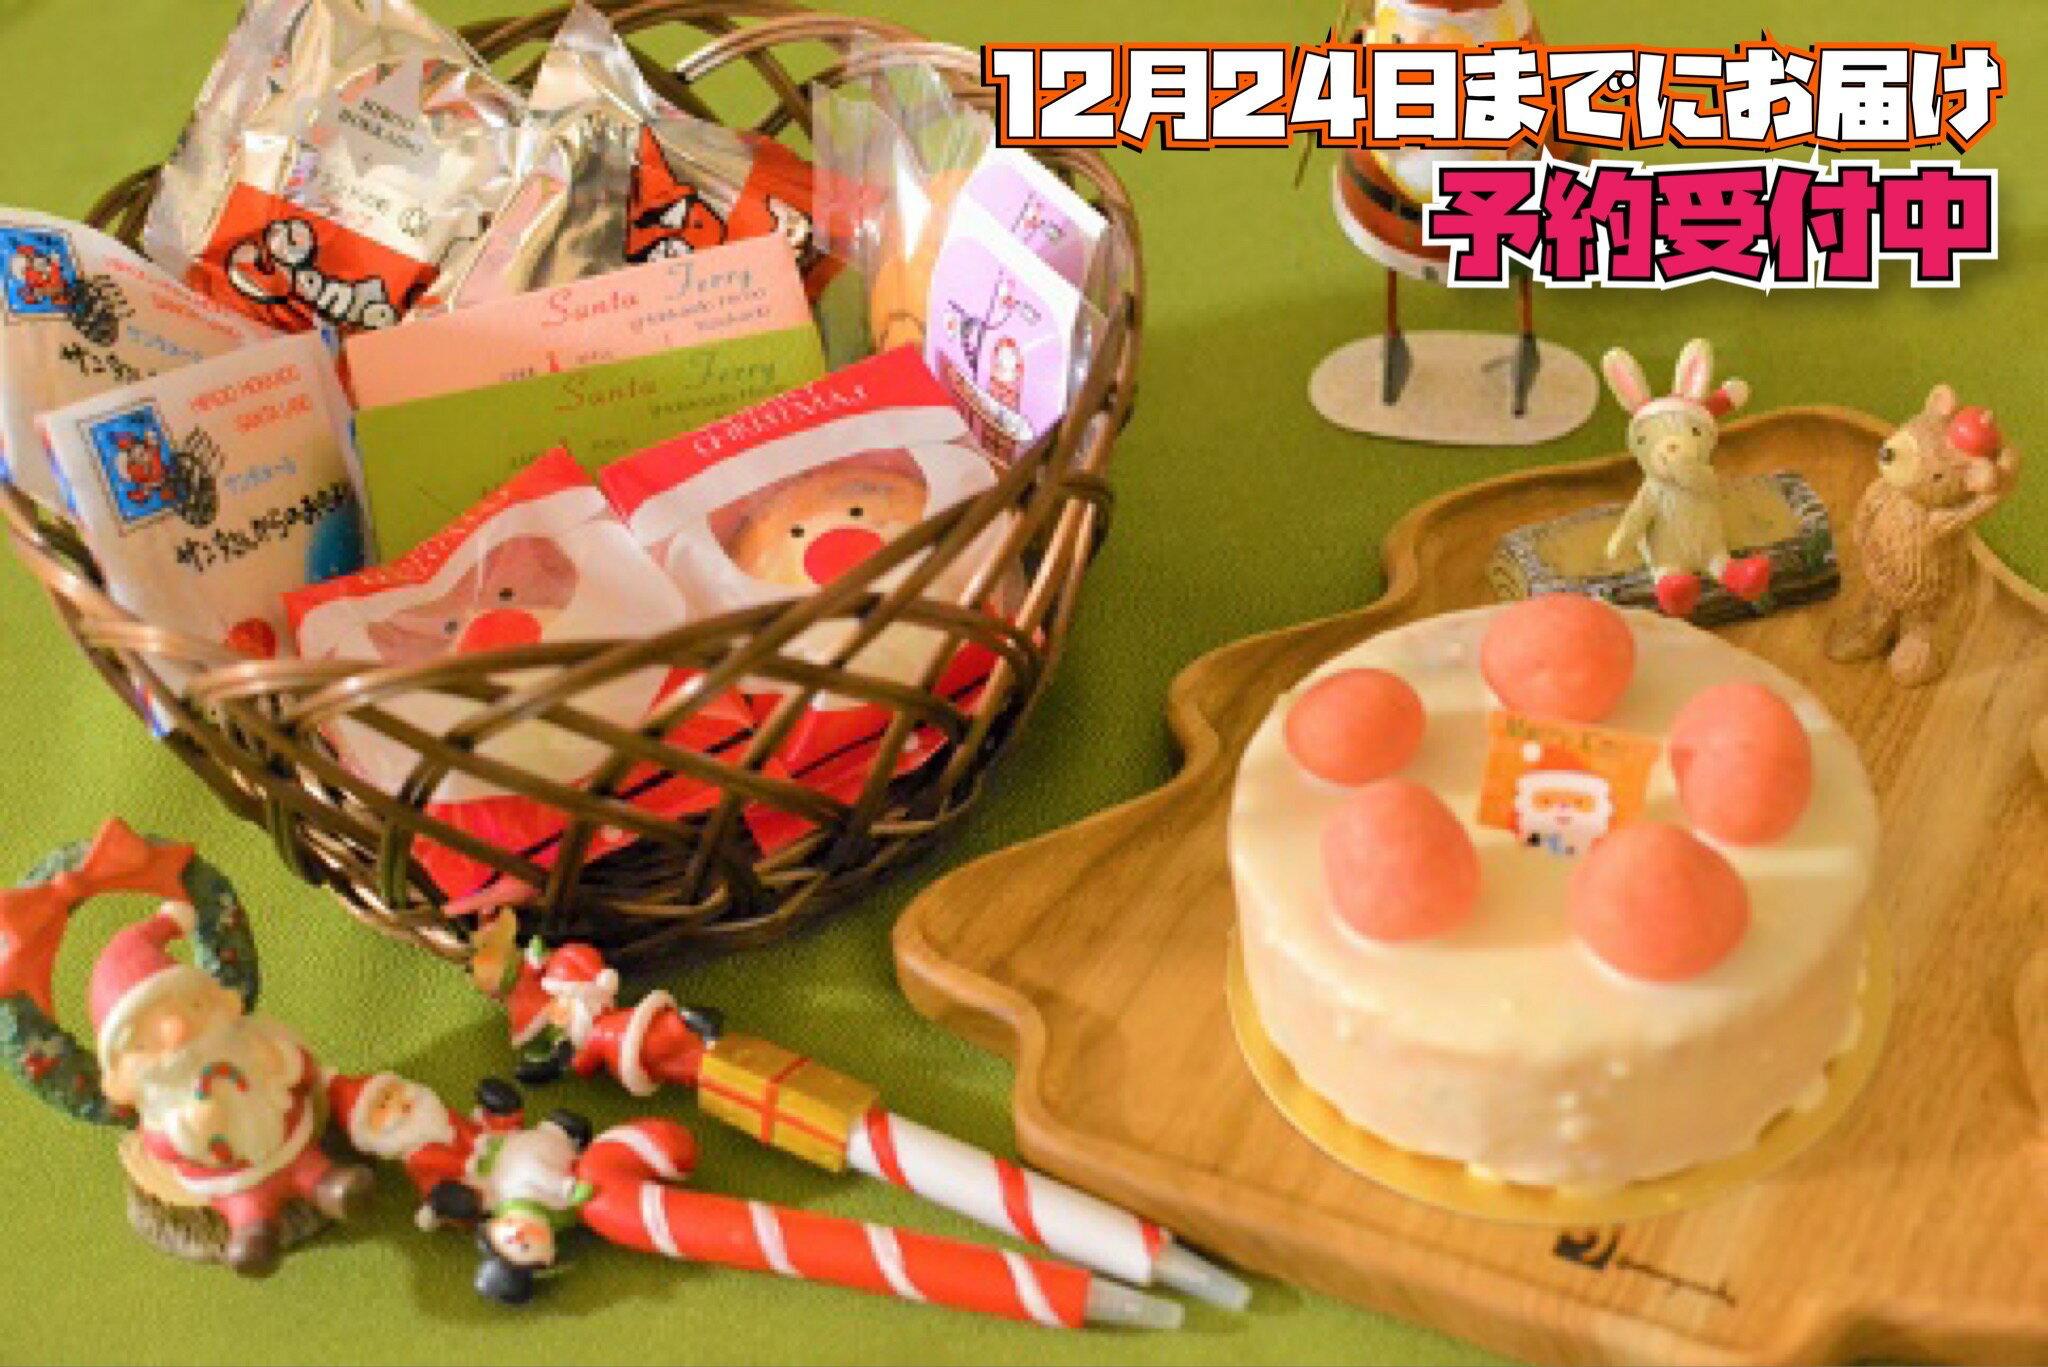 【ふるさと納税】【12月24日までにお届け!】サンタのまち焼きケーキギフトセット